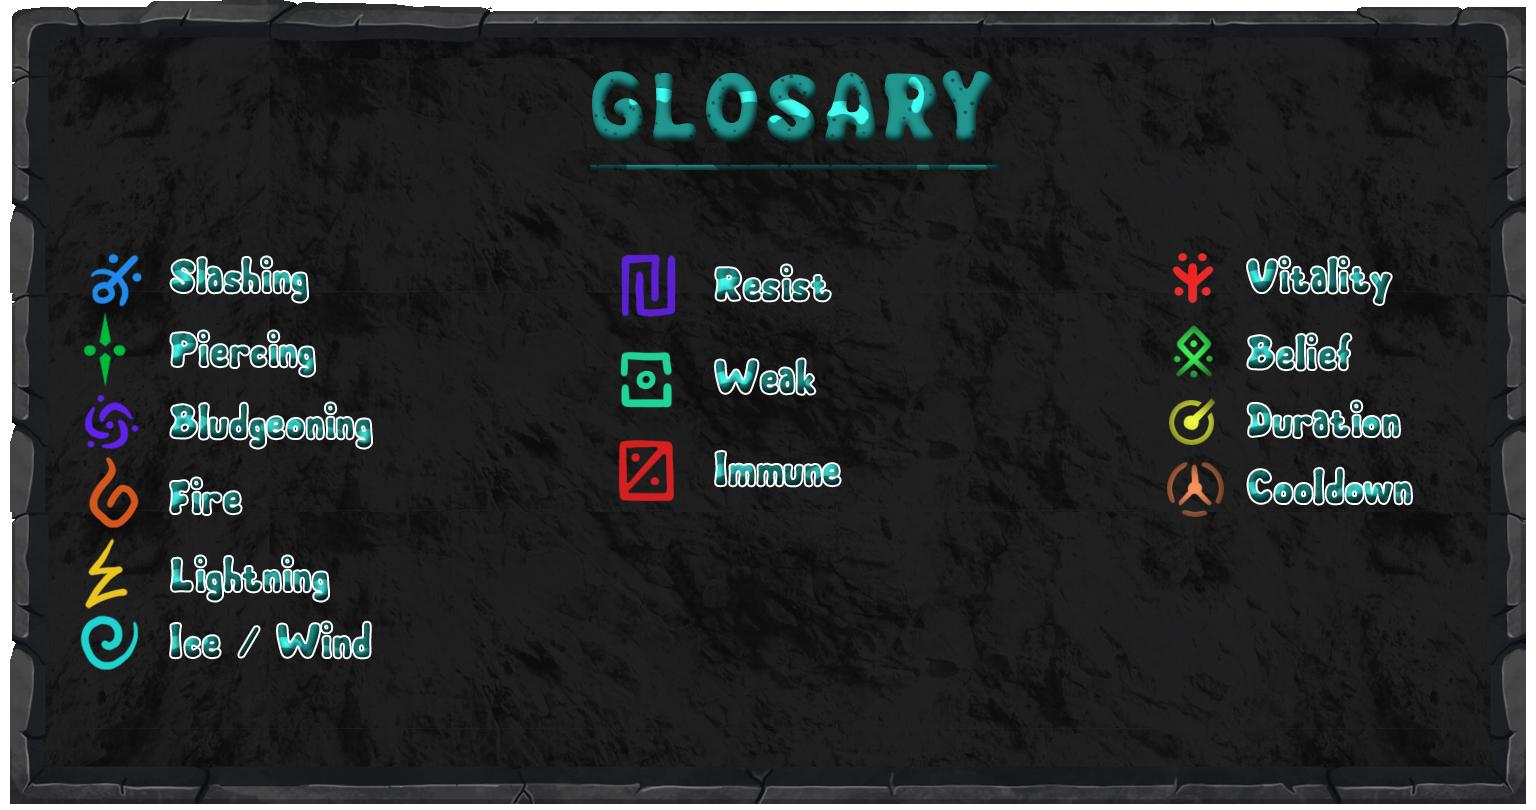 Glosary